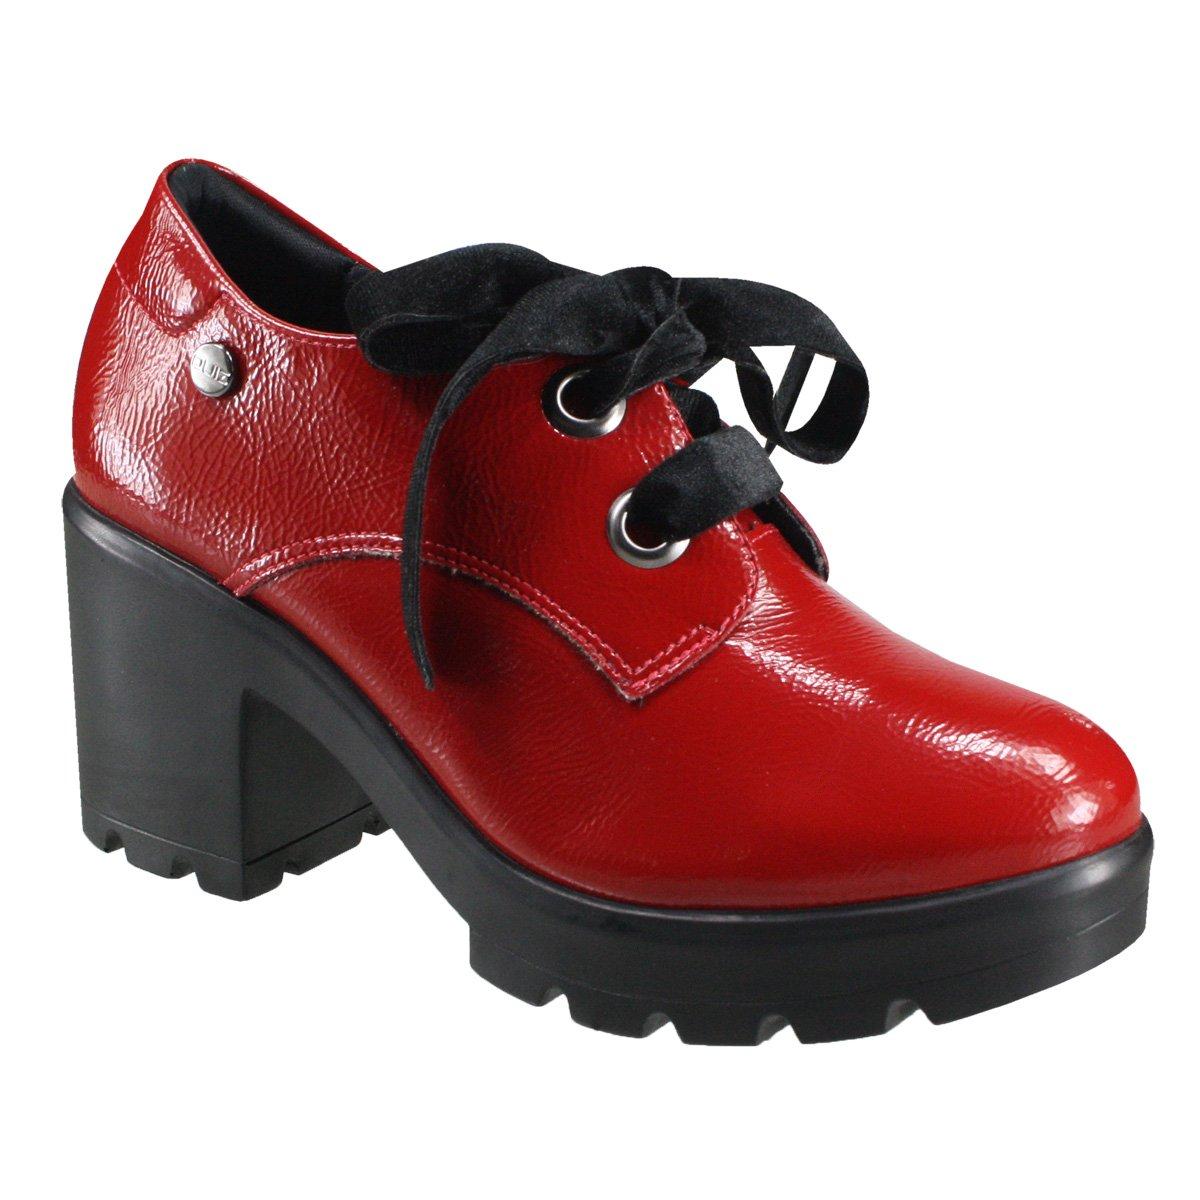 dcdd792d2 Sapato Feminino Oxford Quiz 69-69230 - Vermelho (Cab Verniz) - Botas ...